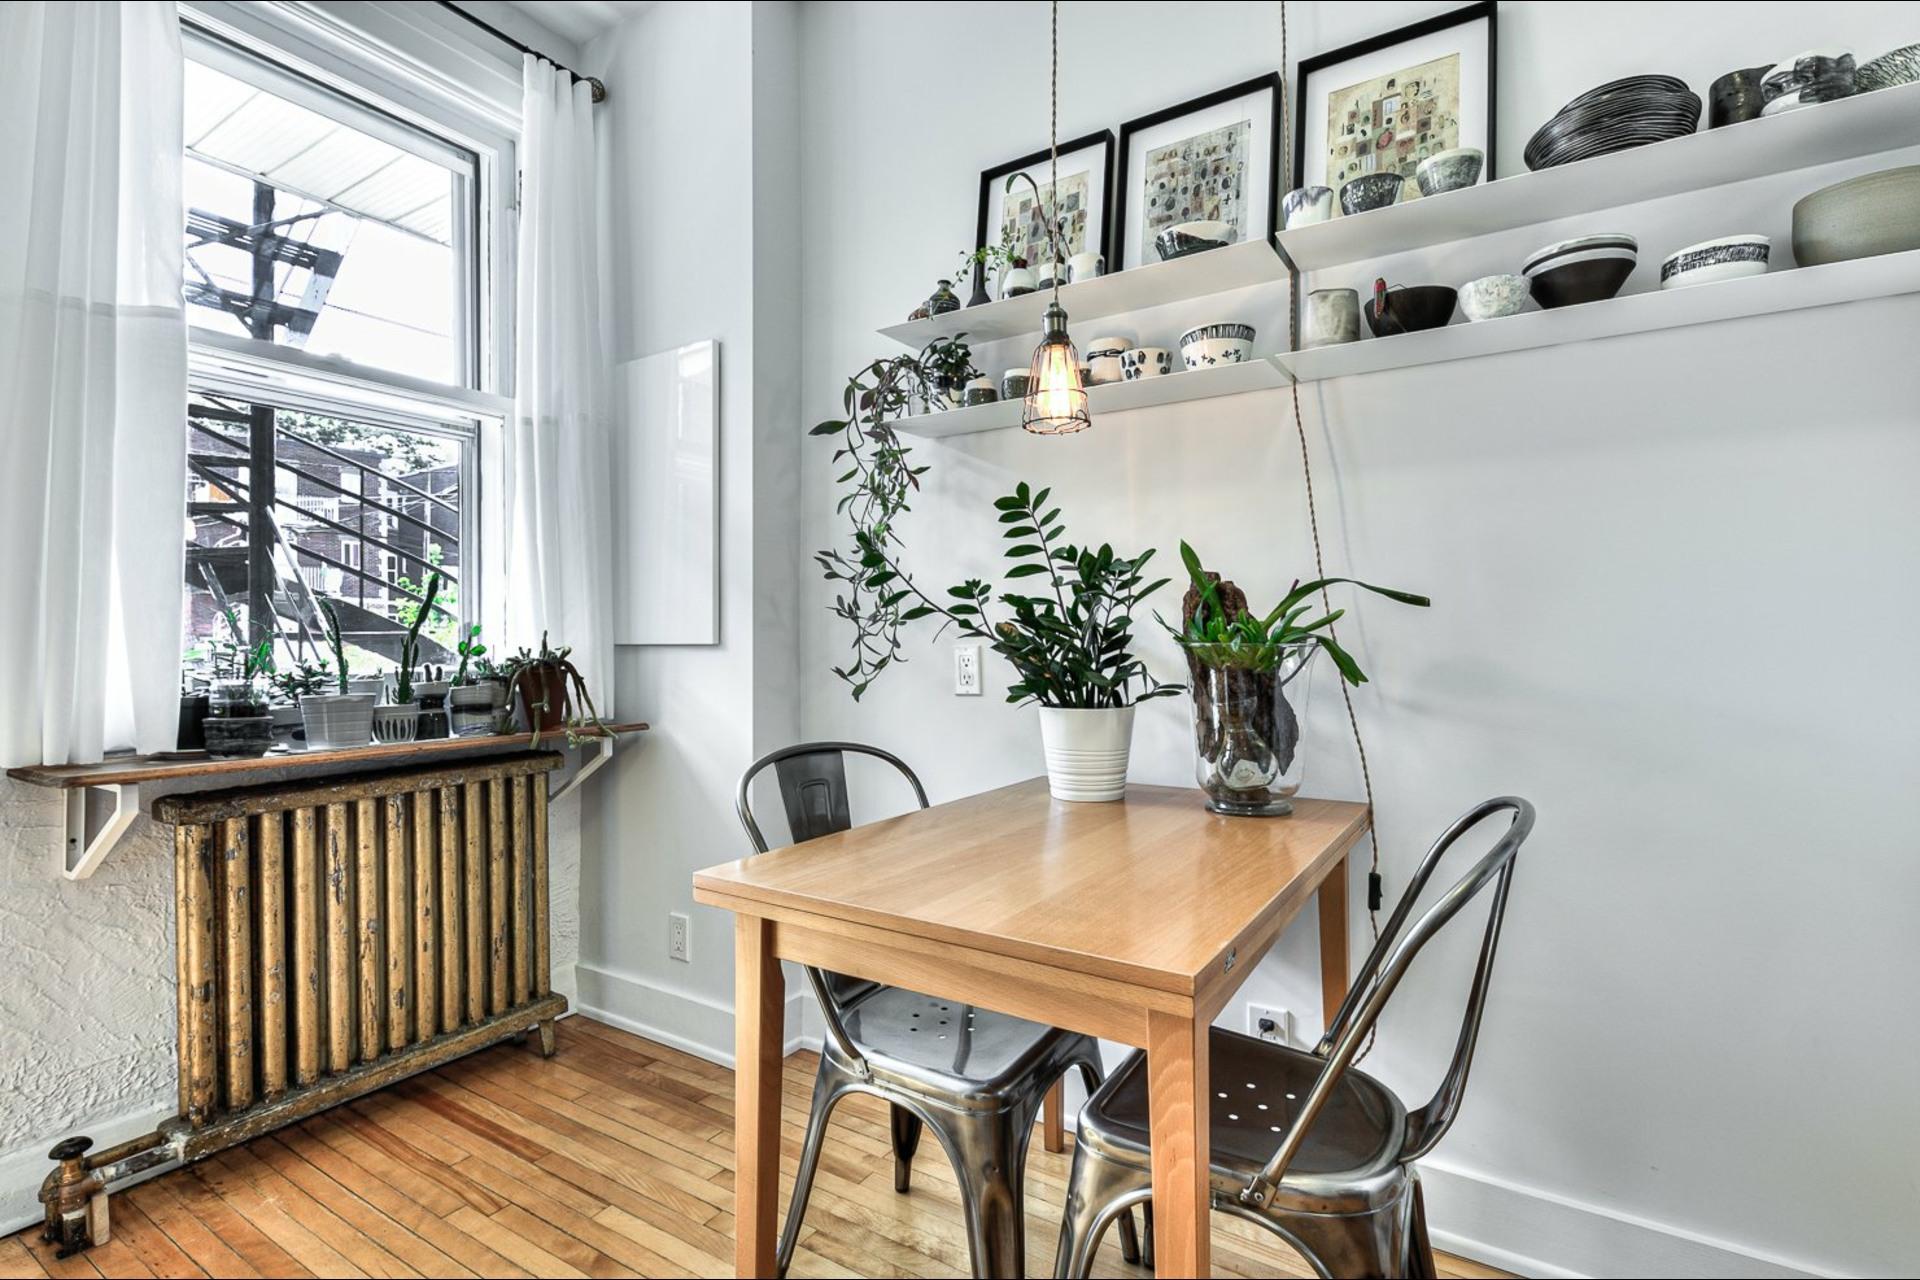 image 9 - Appartement À vendre Montréal Le Plateau-Mont-Royal  - 9 pièces